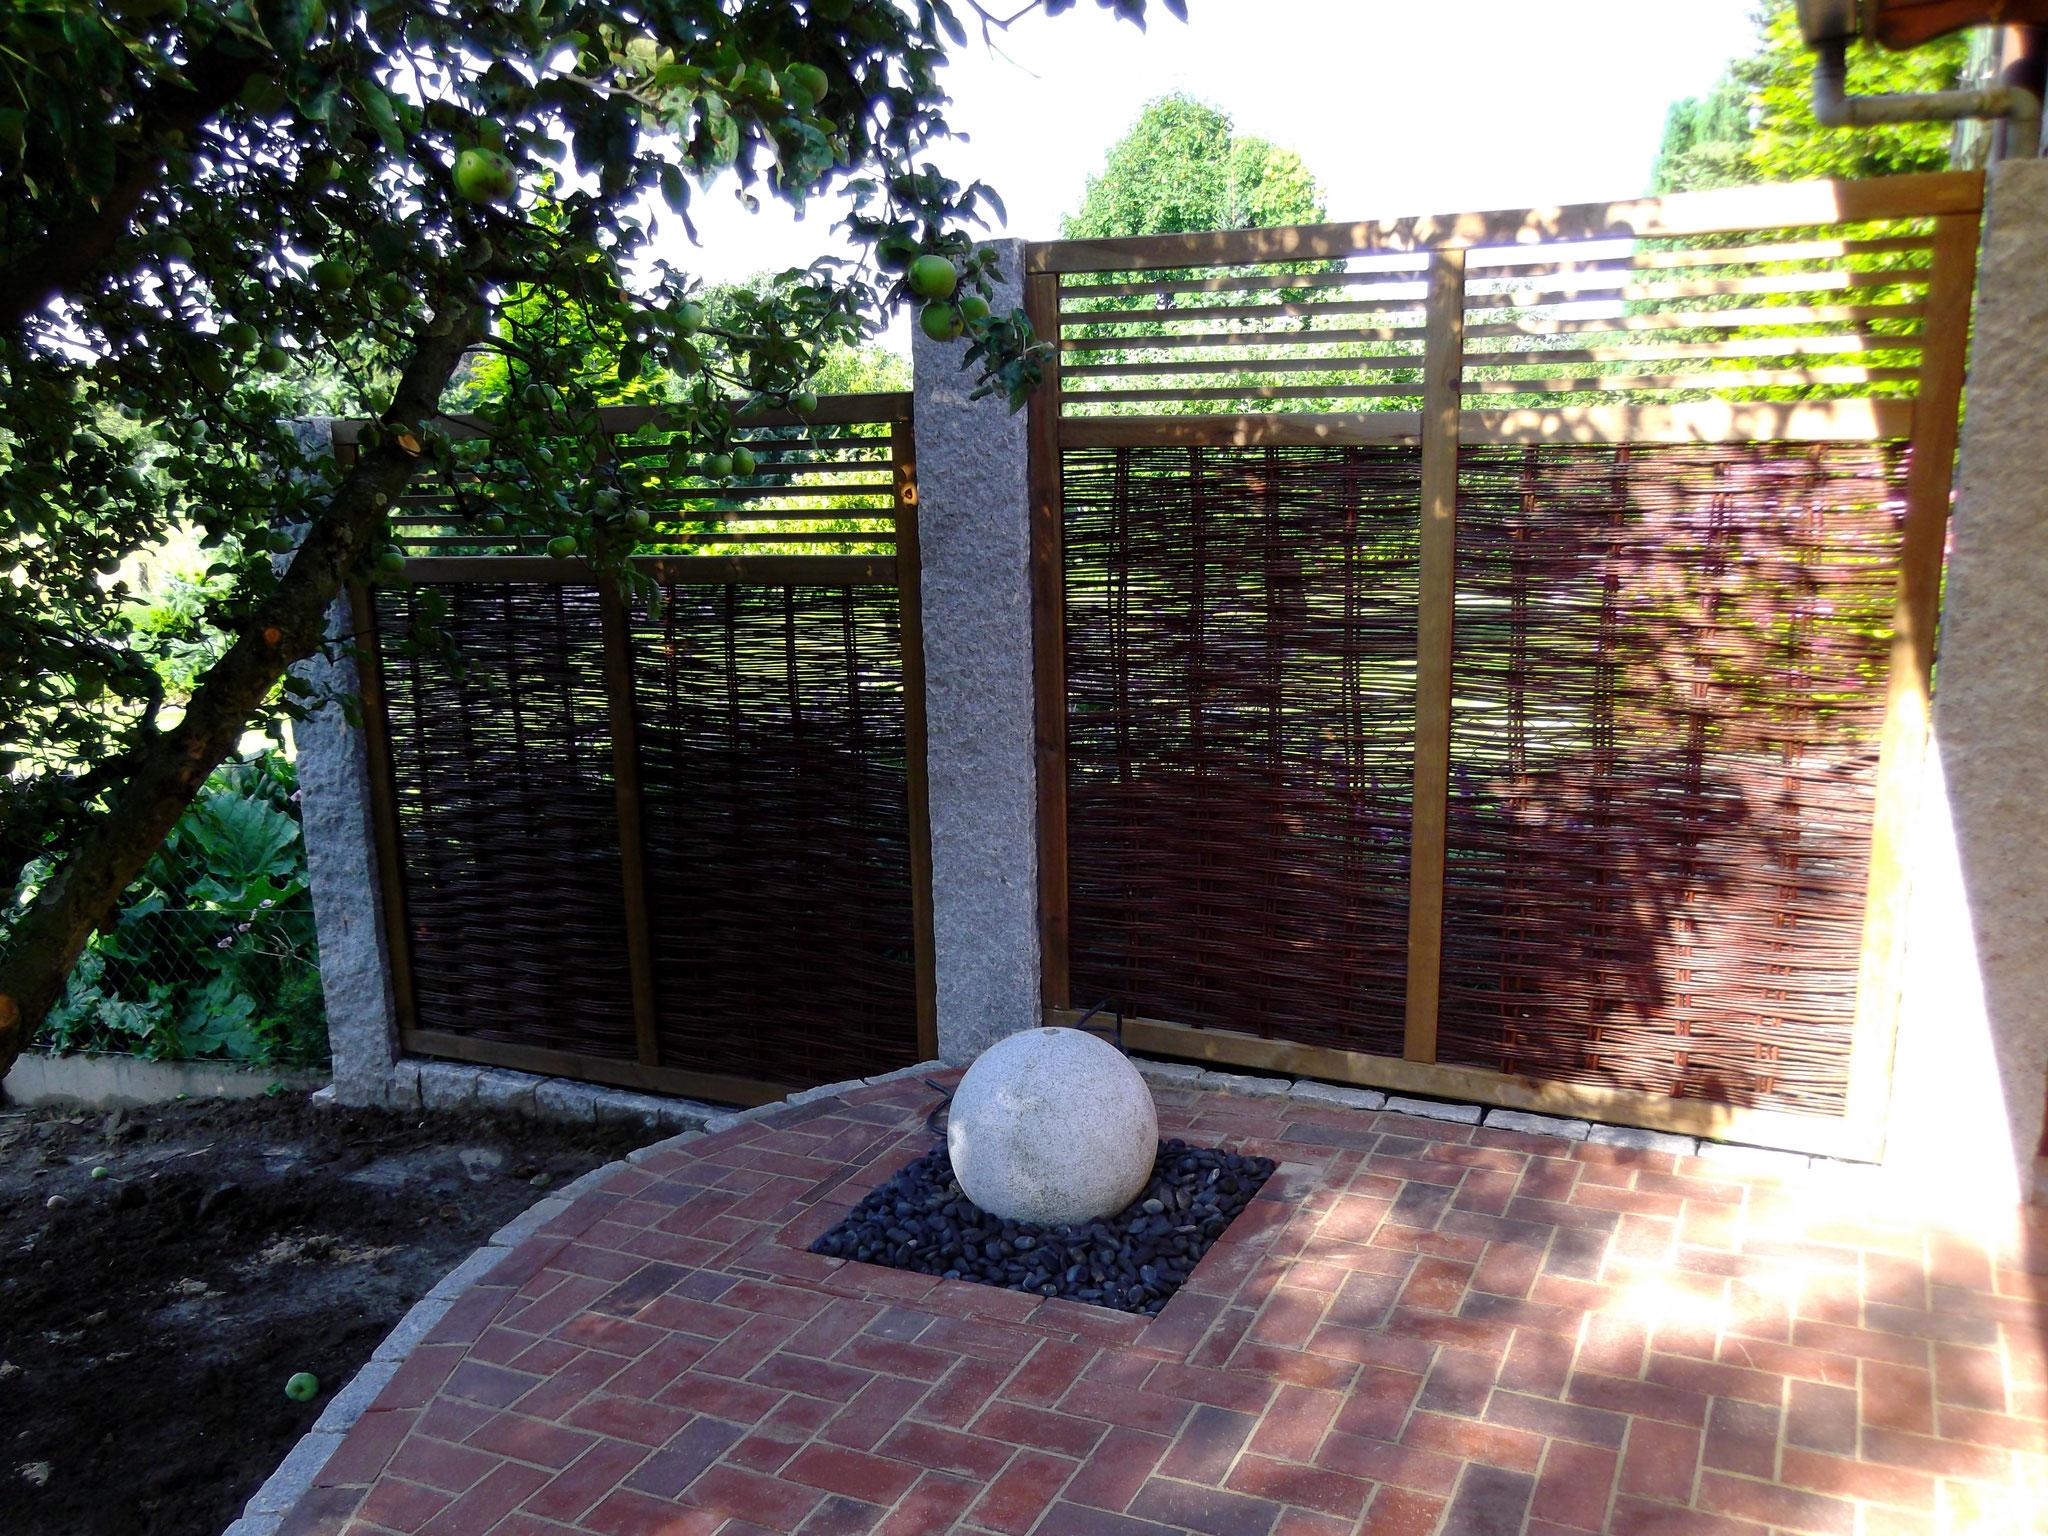 Korfmacher Gartengestaltung hat einen privaten Erholungsort geschaffen.